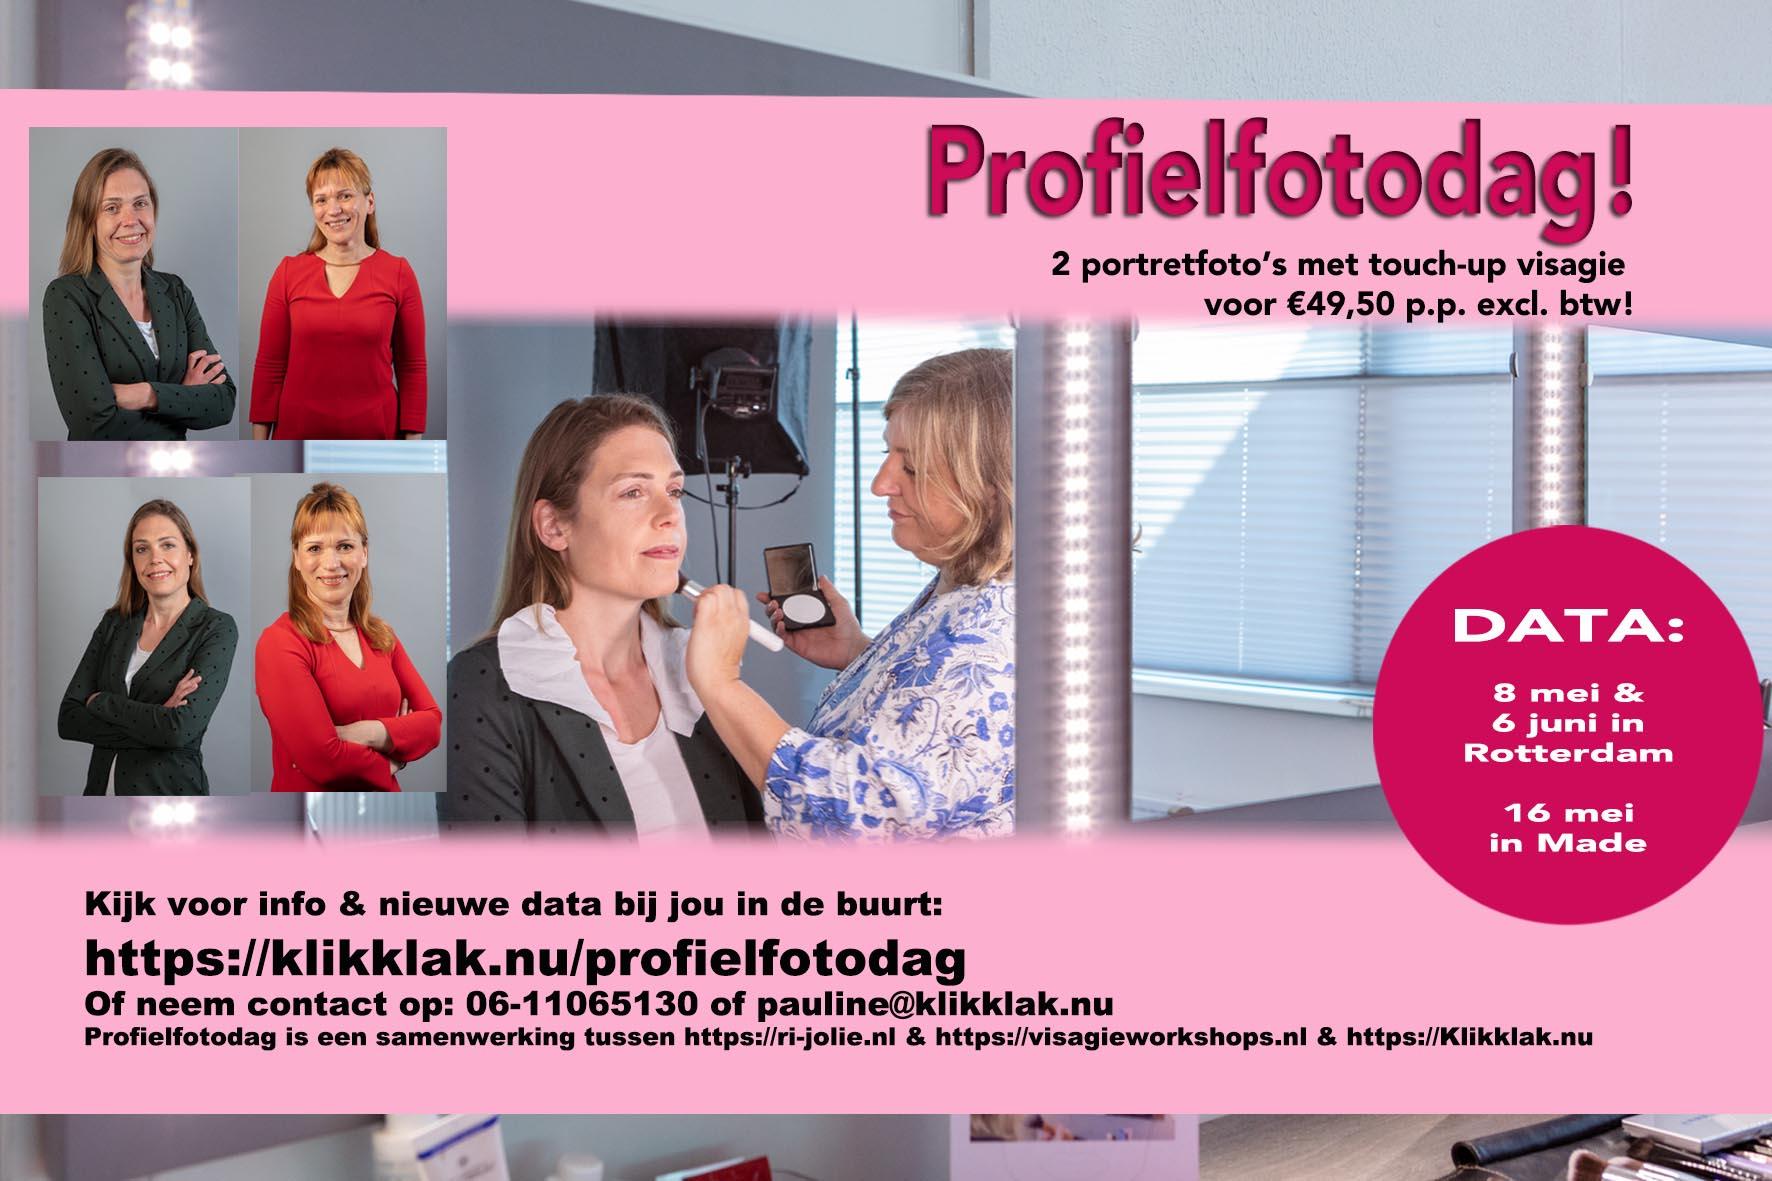 Profielfotodag, kom een portretfoto laten maken voor je profielfoto op LinkedIn